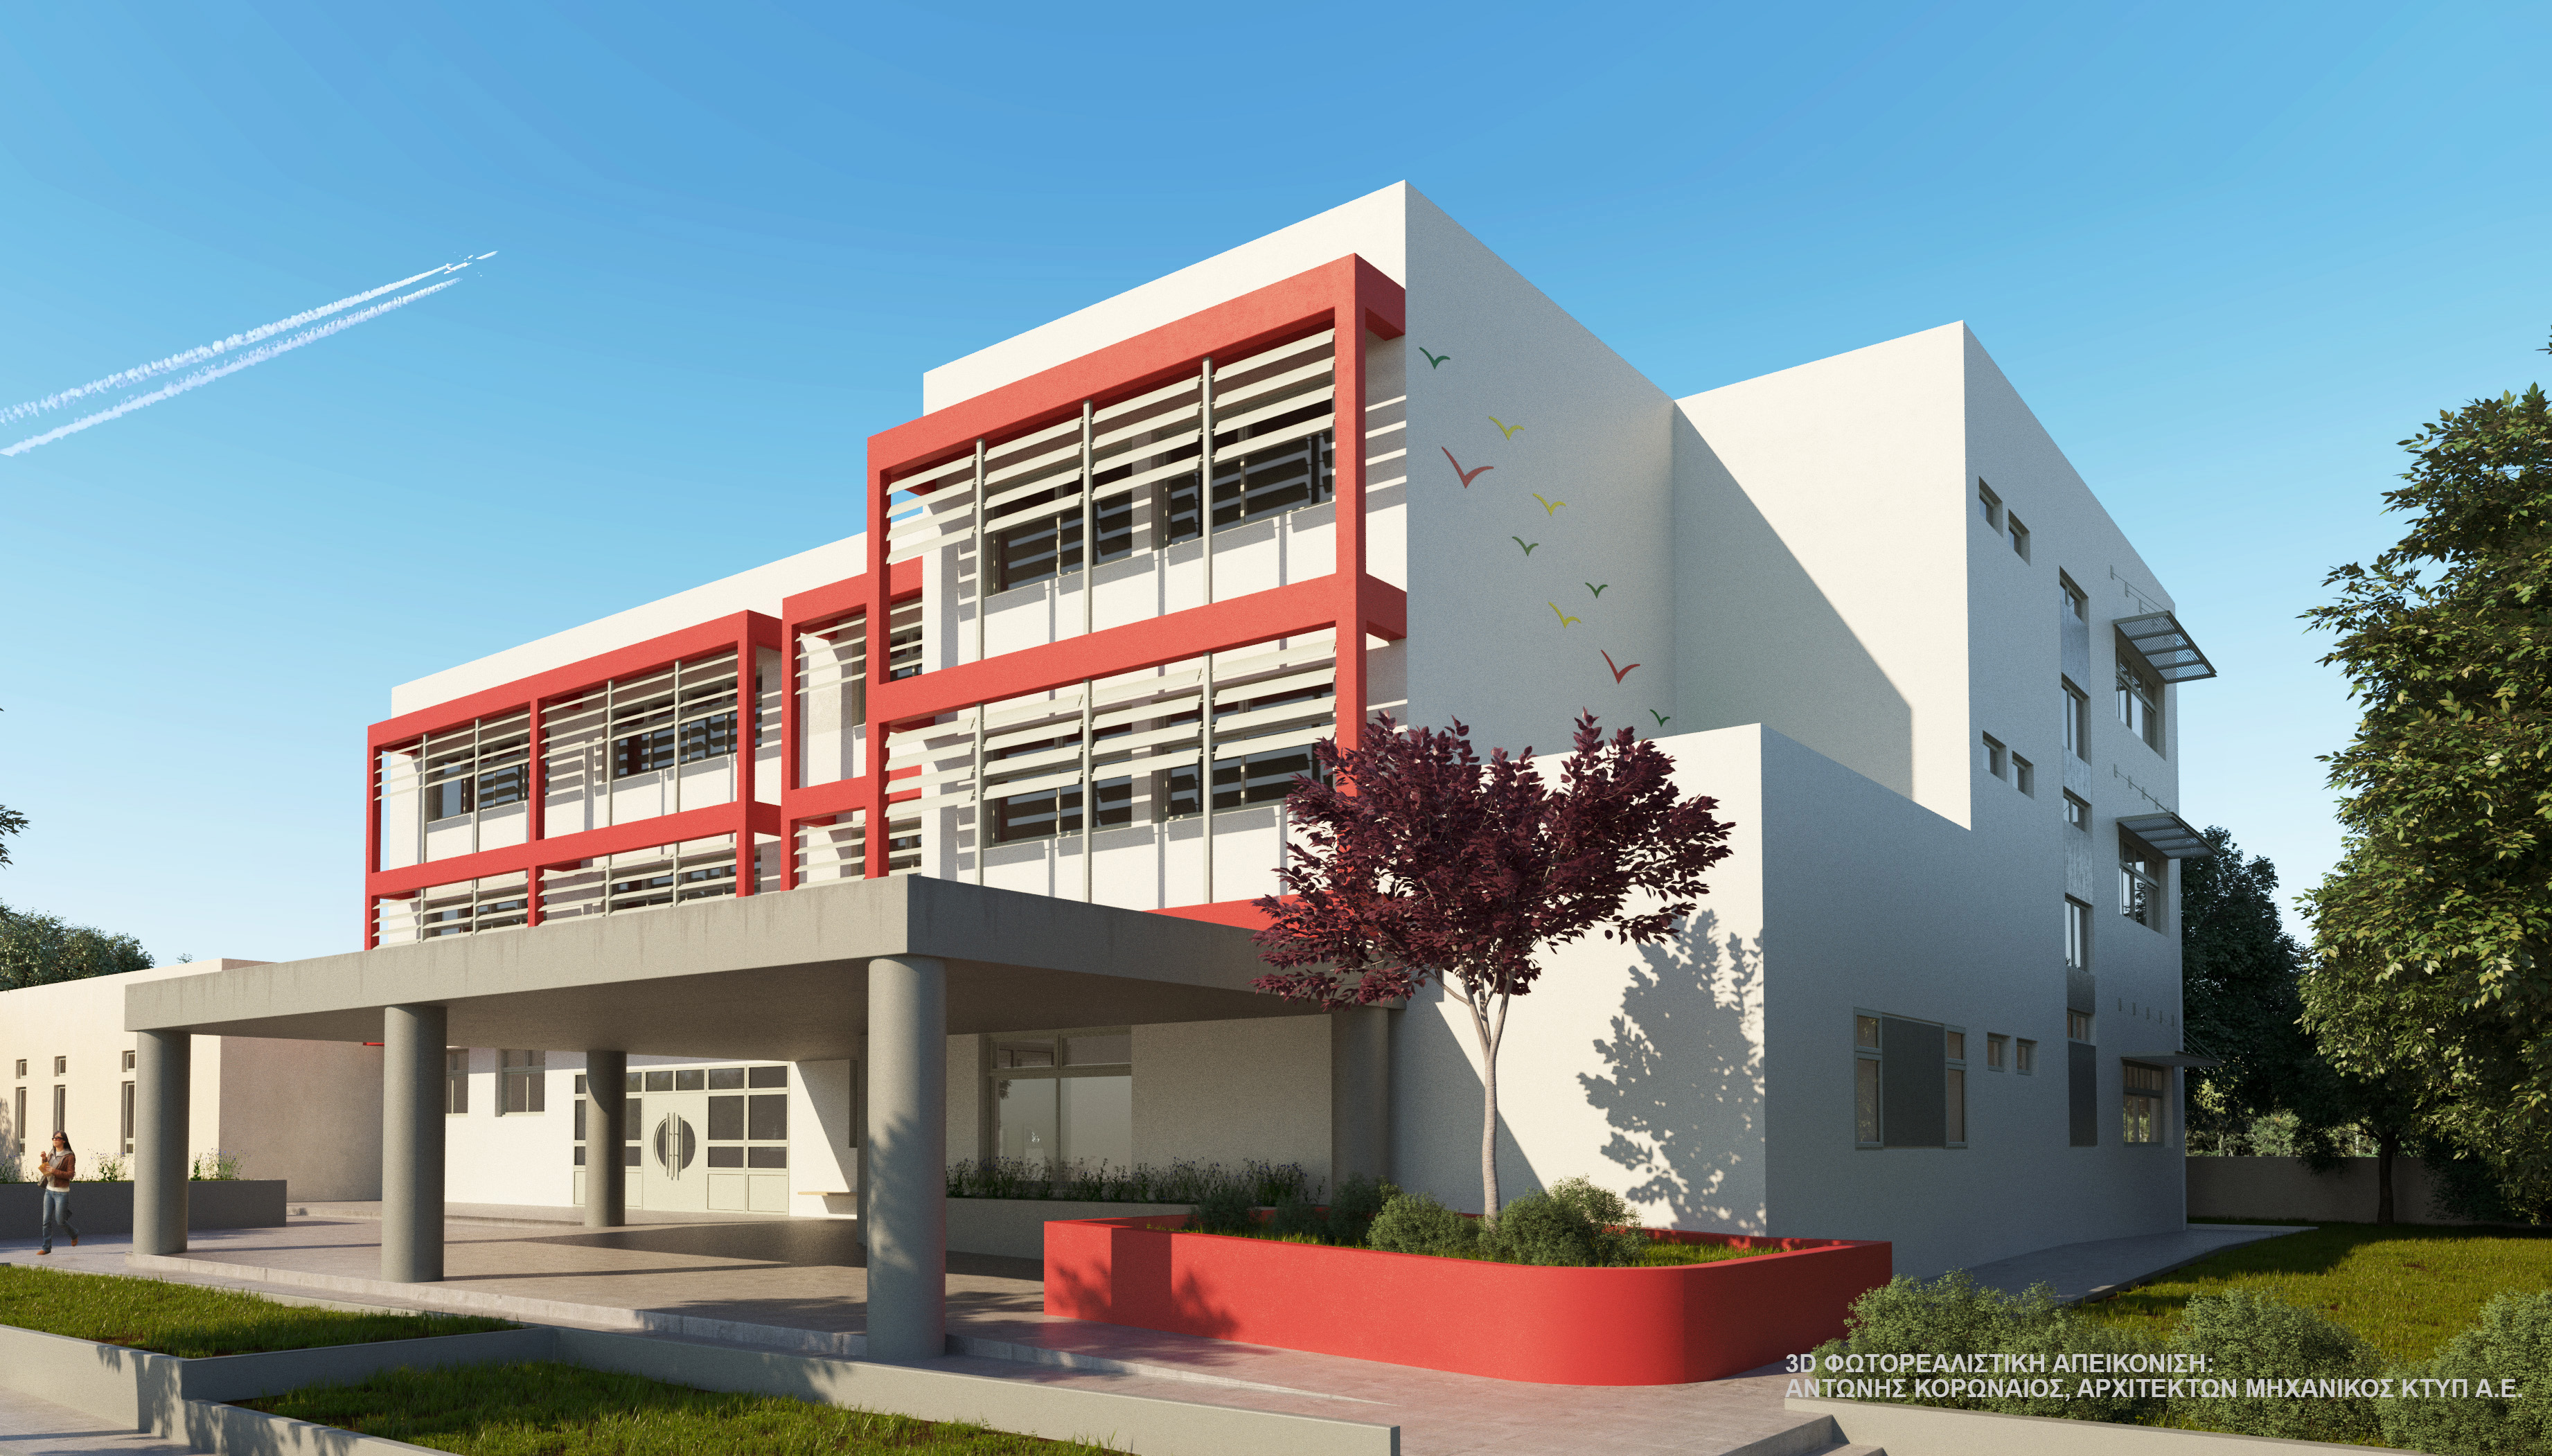 2ο Δημοτικό σχολείο Νέας Μάκρης